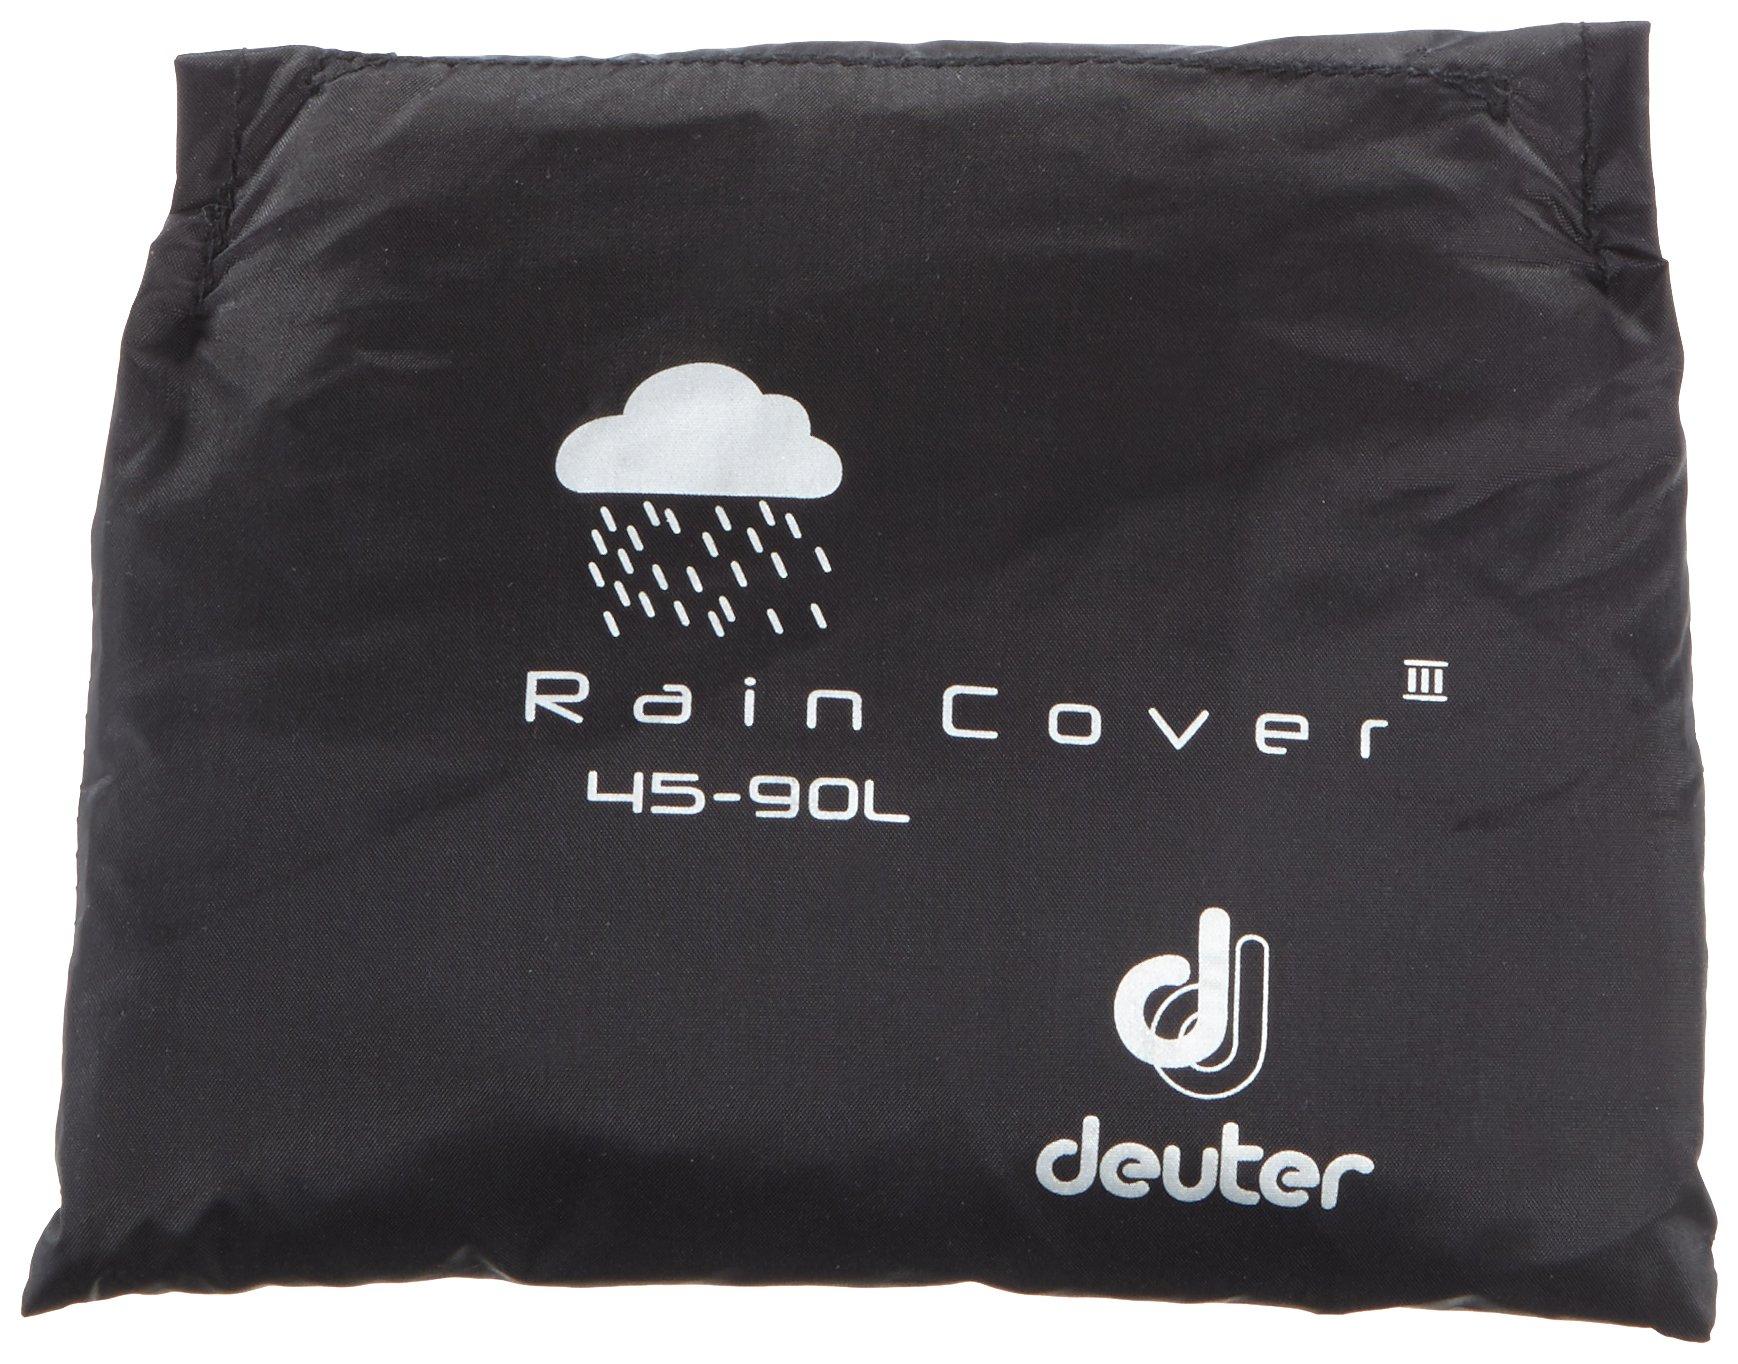 81DUHXCIUJL - Deuter Raincover Iii Rain and Transport Cover